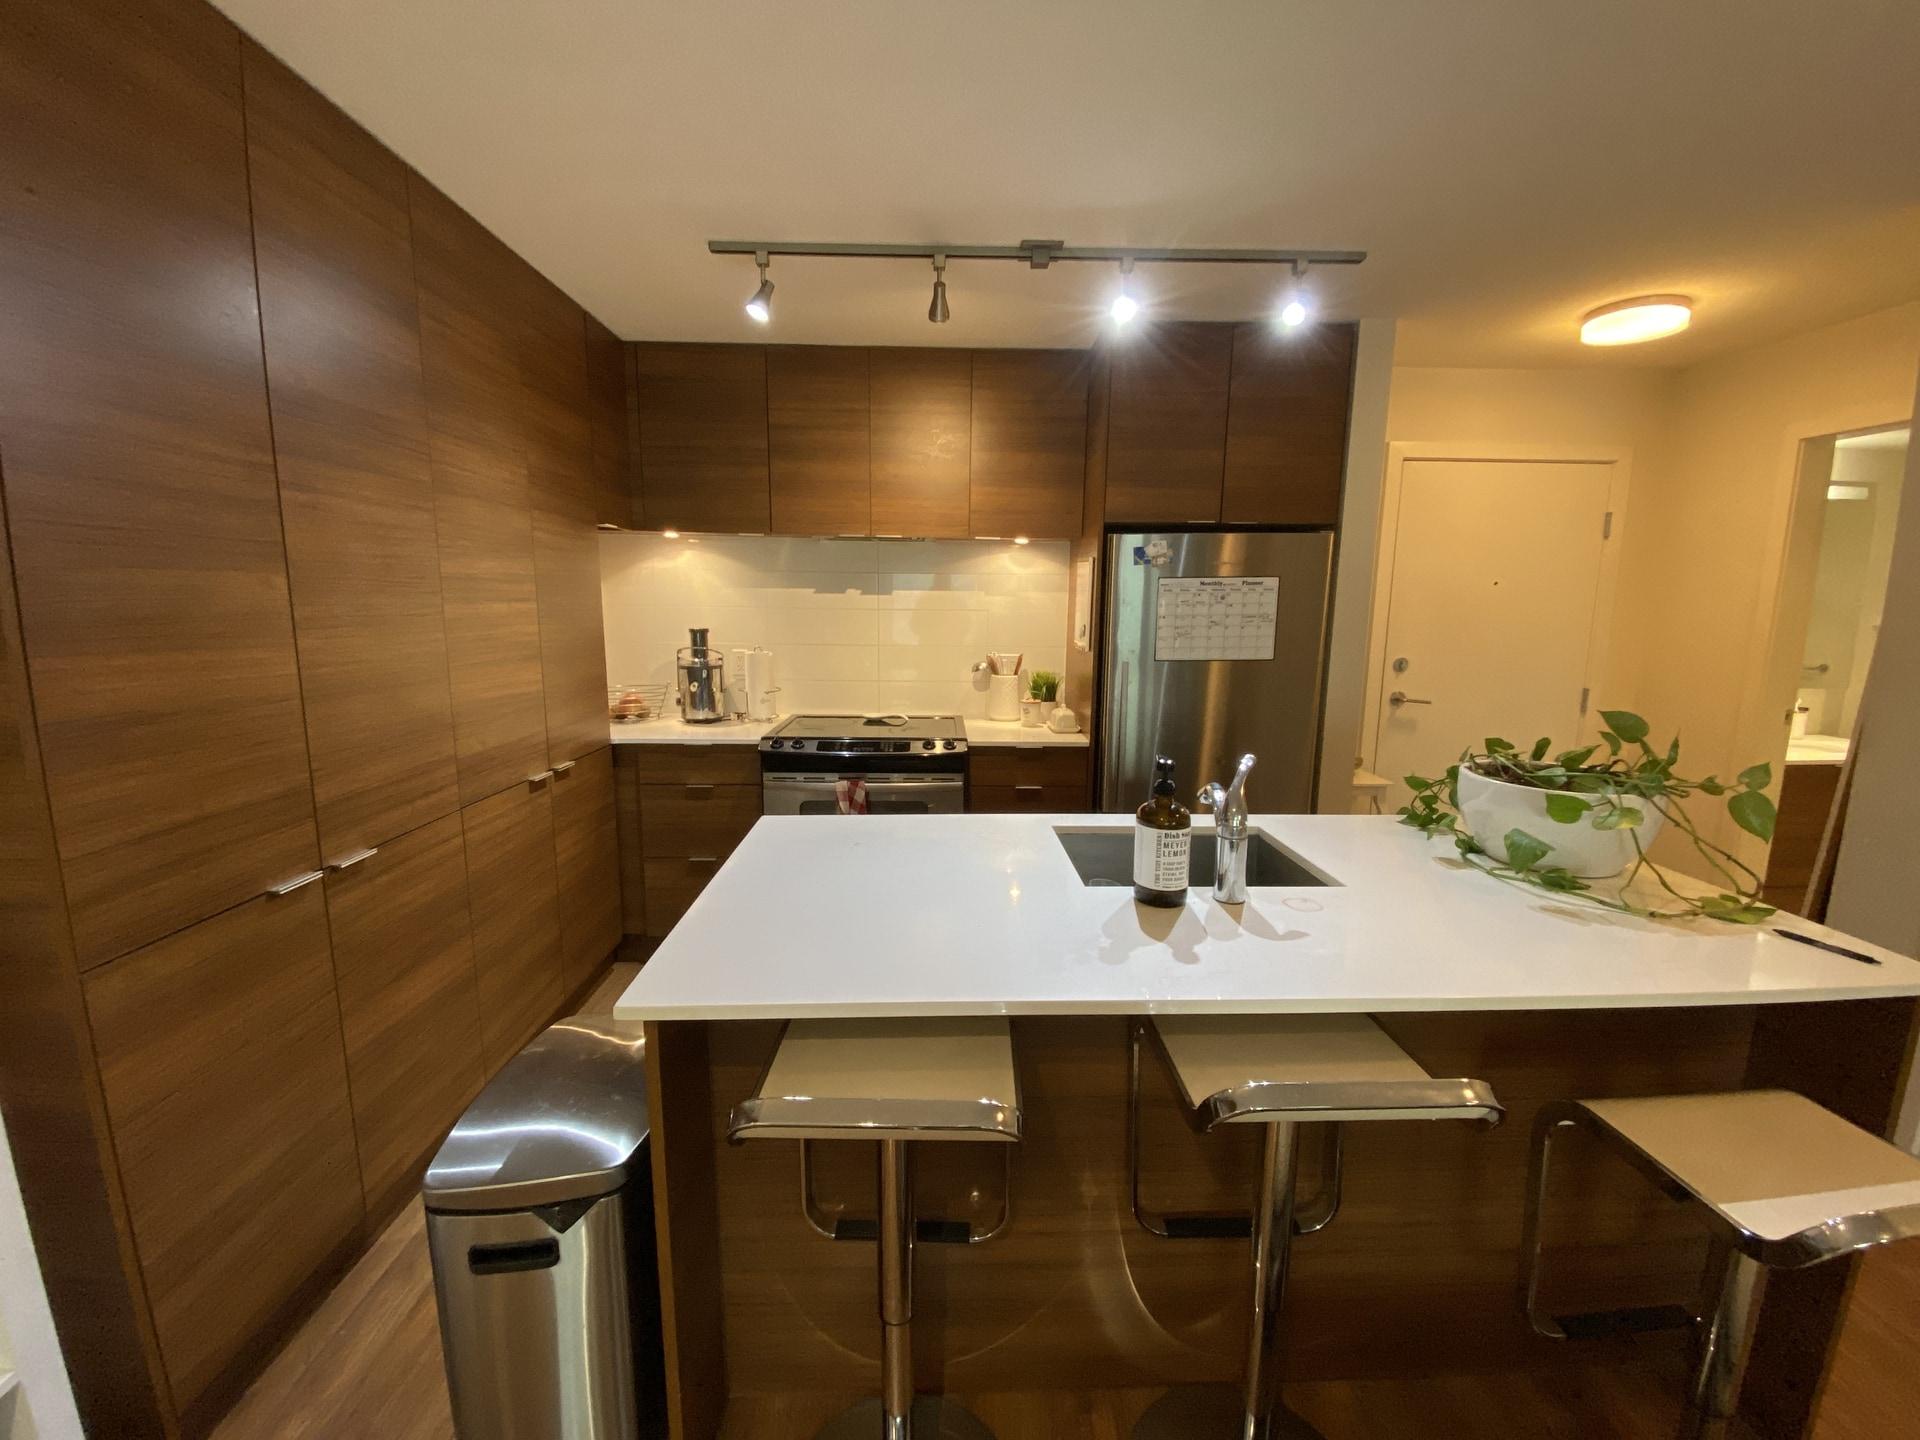 Tranquil Modern Condo, Tasteful Kitchen! Overlooking Green Space!